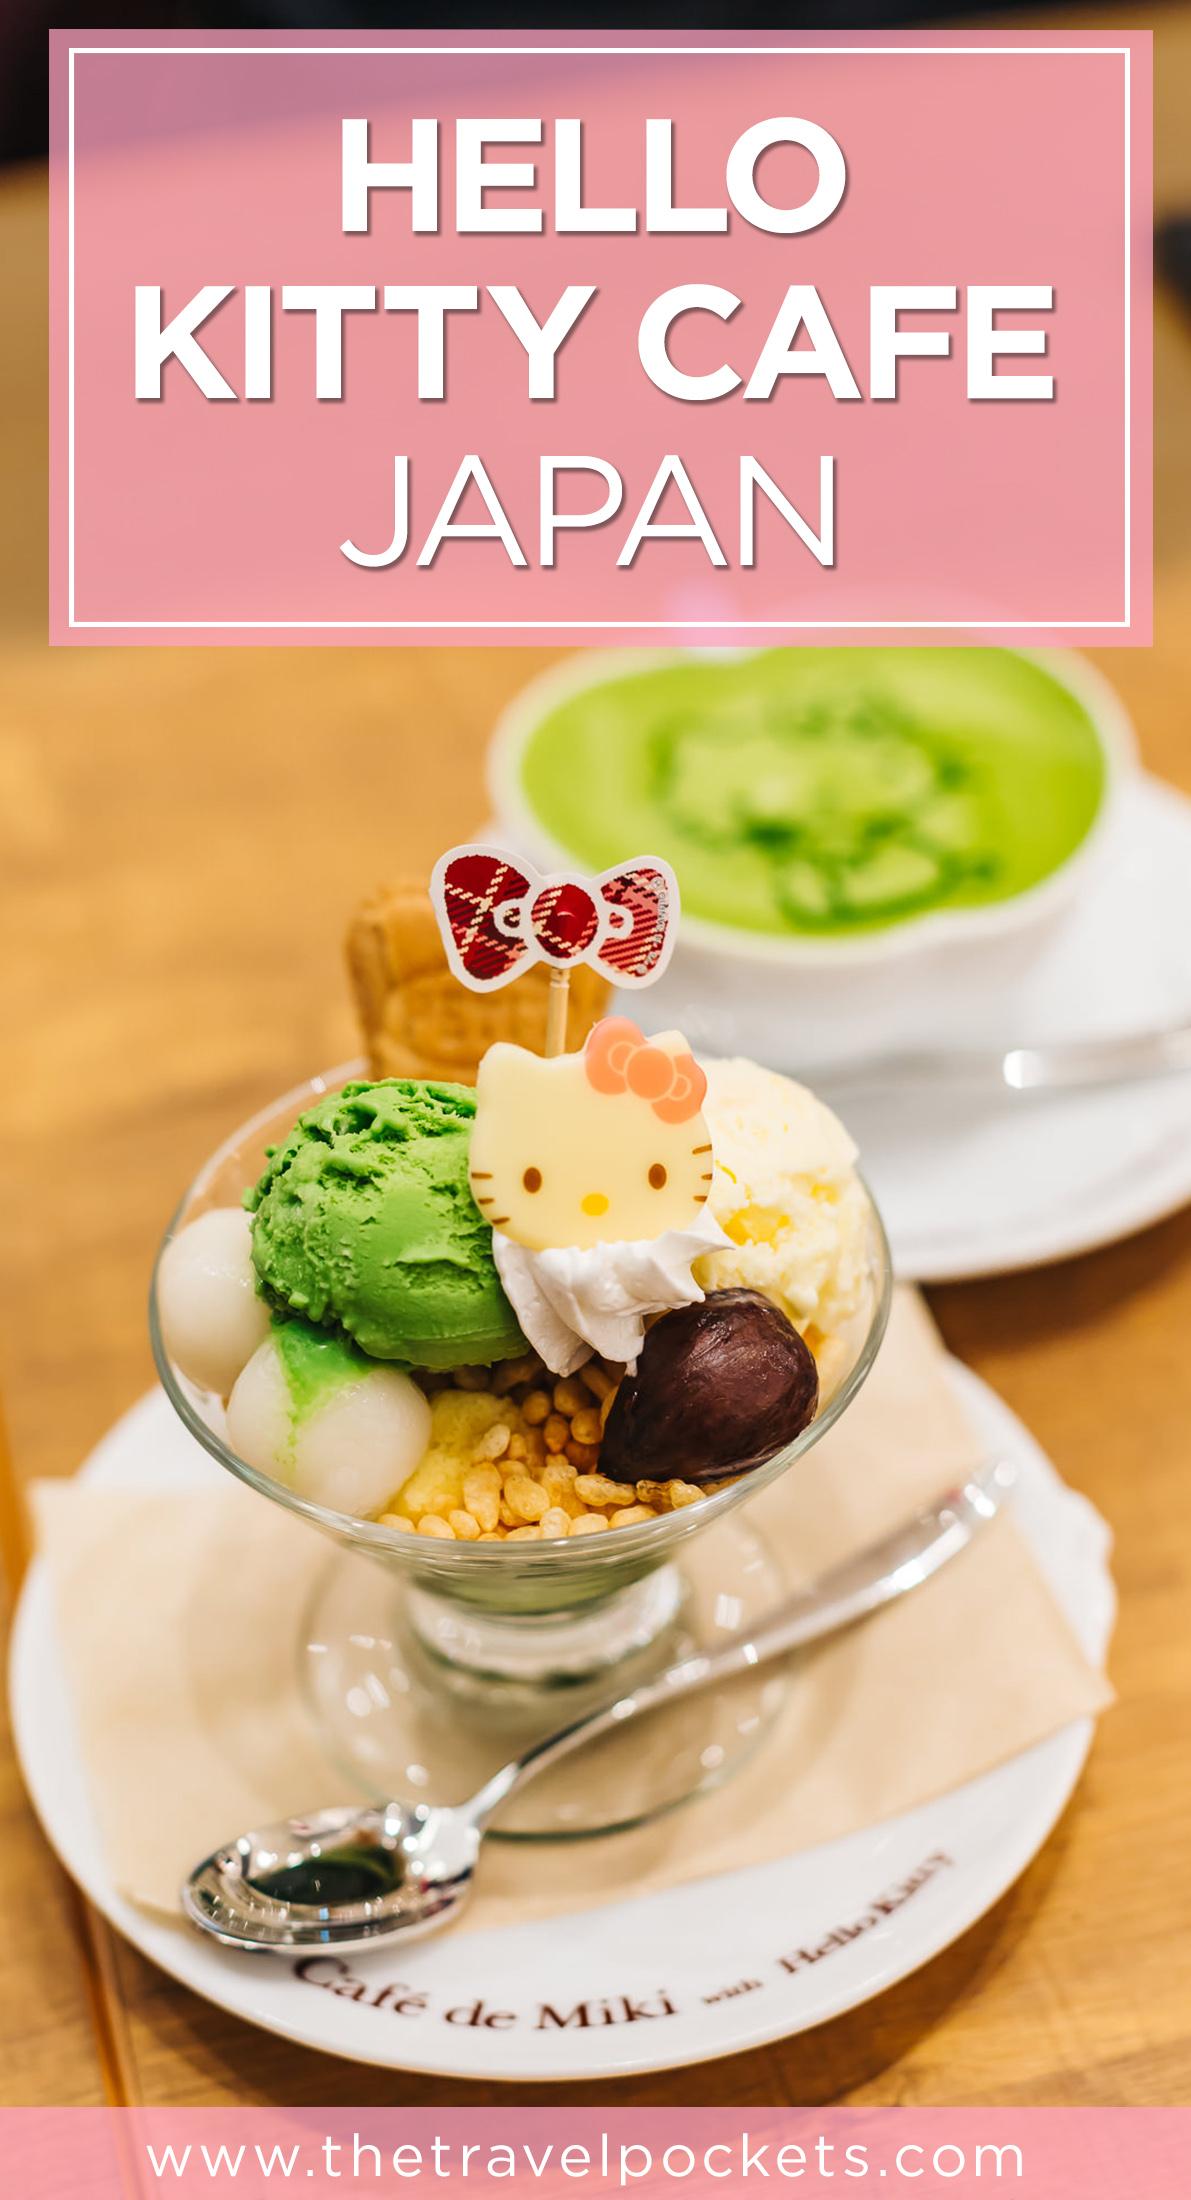 Hello Kitty Cafe Japan www.thetravelpockets.com